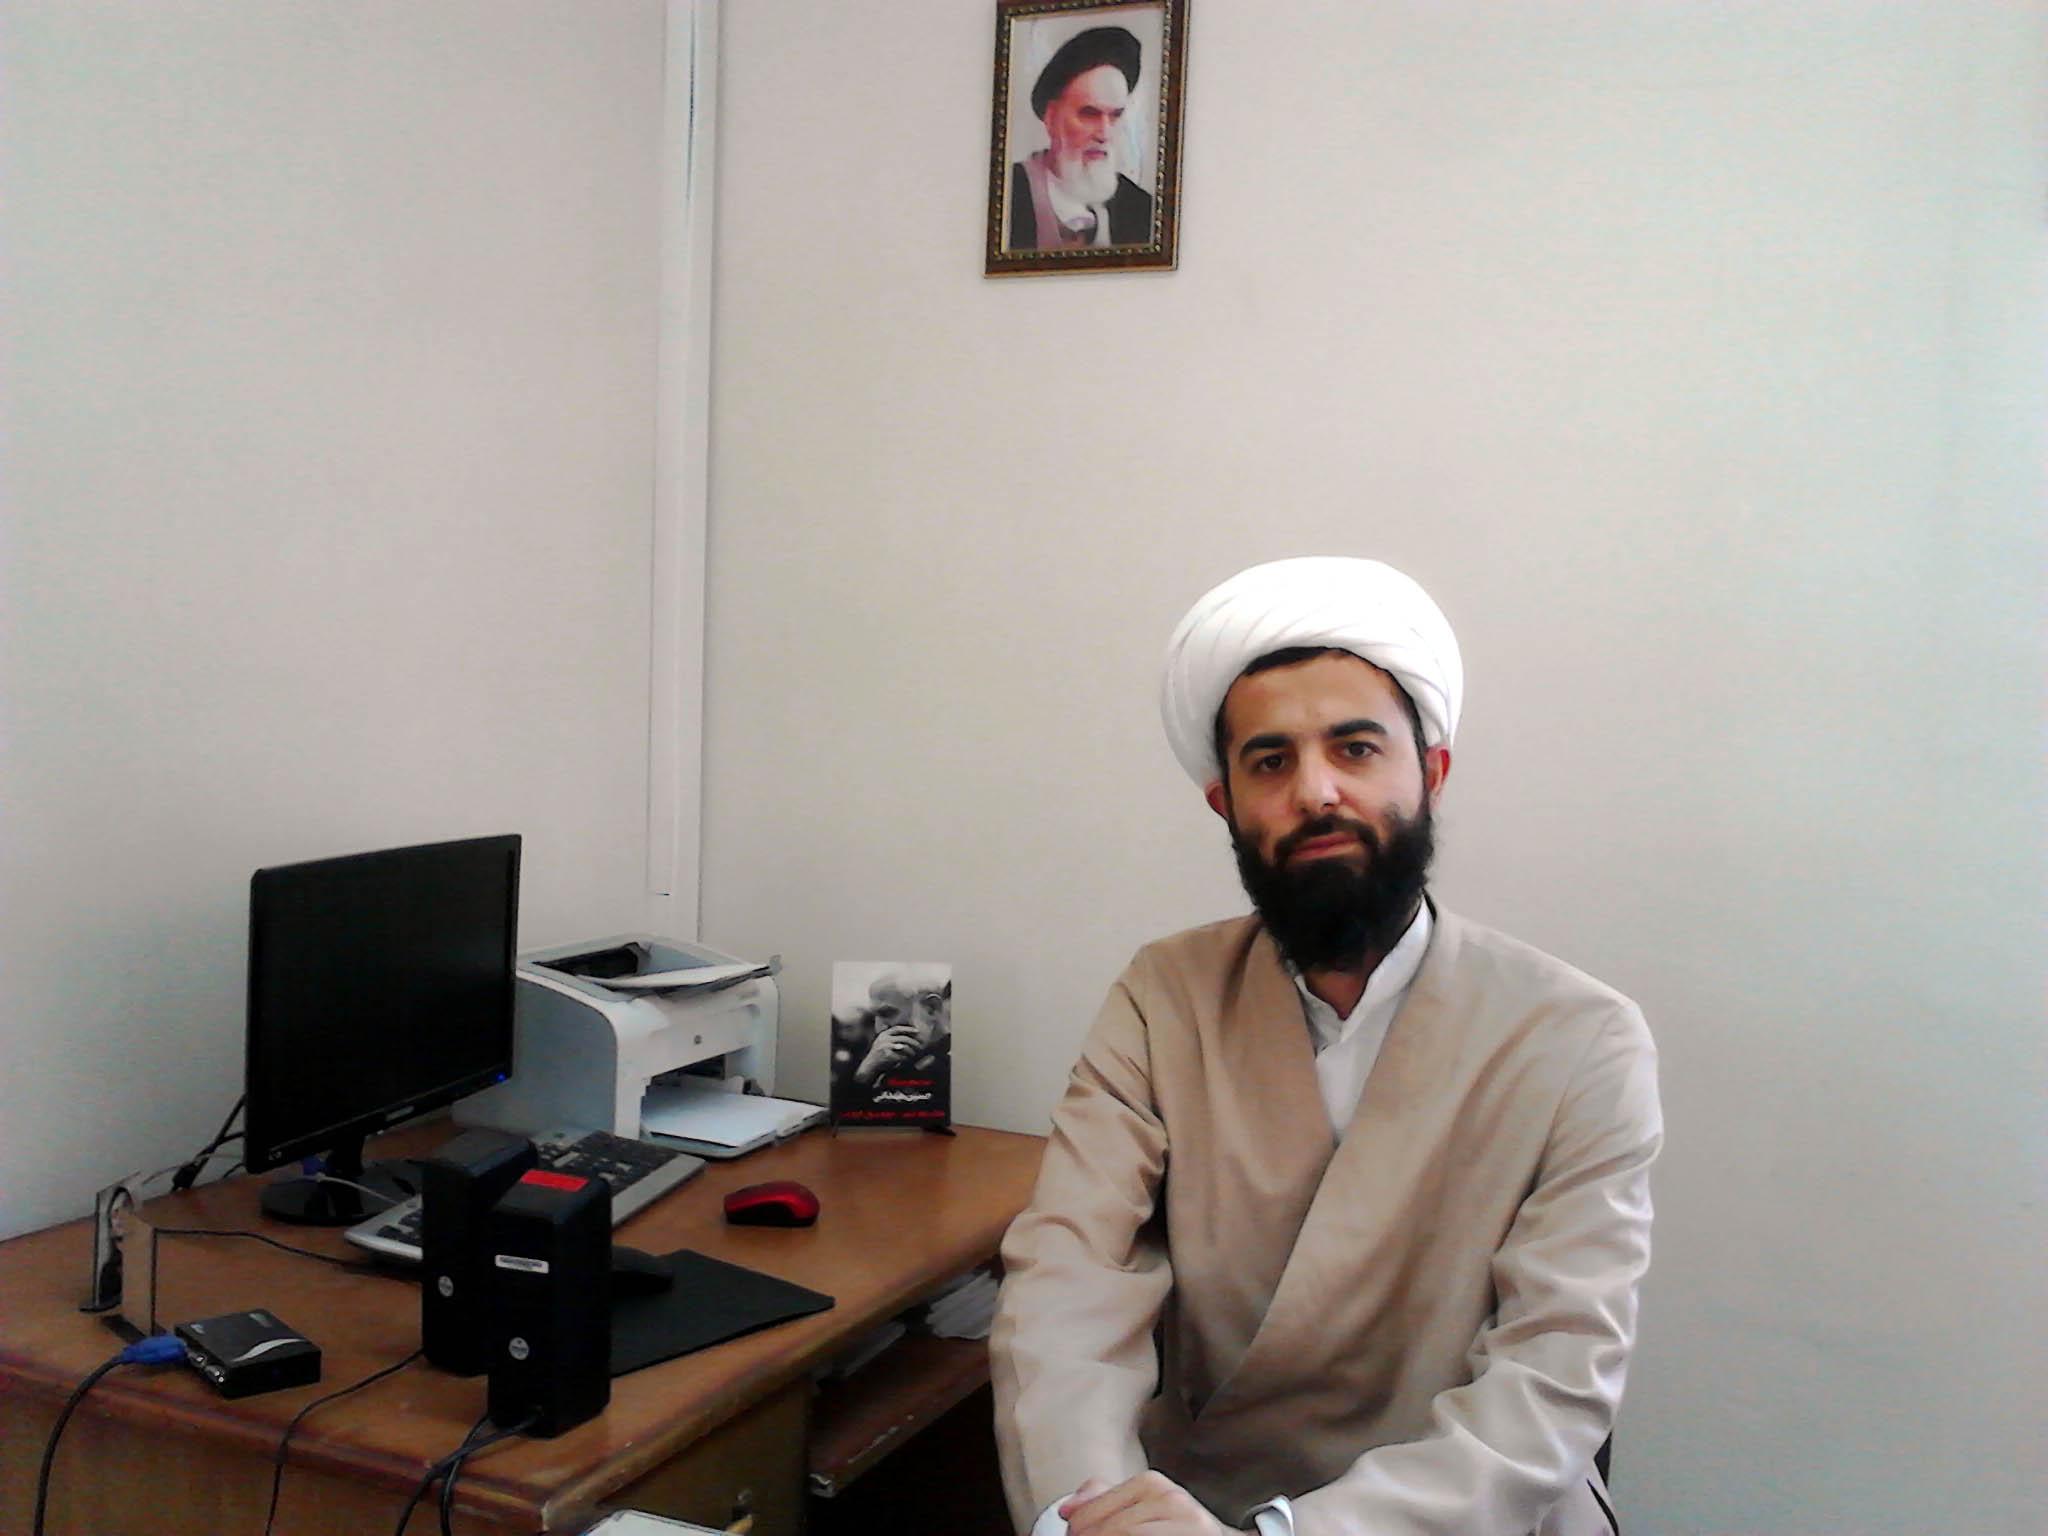 حجت الاسلام عباس موسیوند مدیر حوزه علمیه رسول اکرم(ص) شهر مریانج